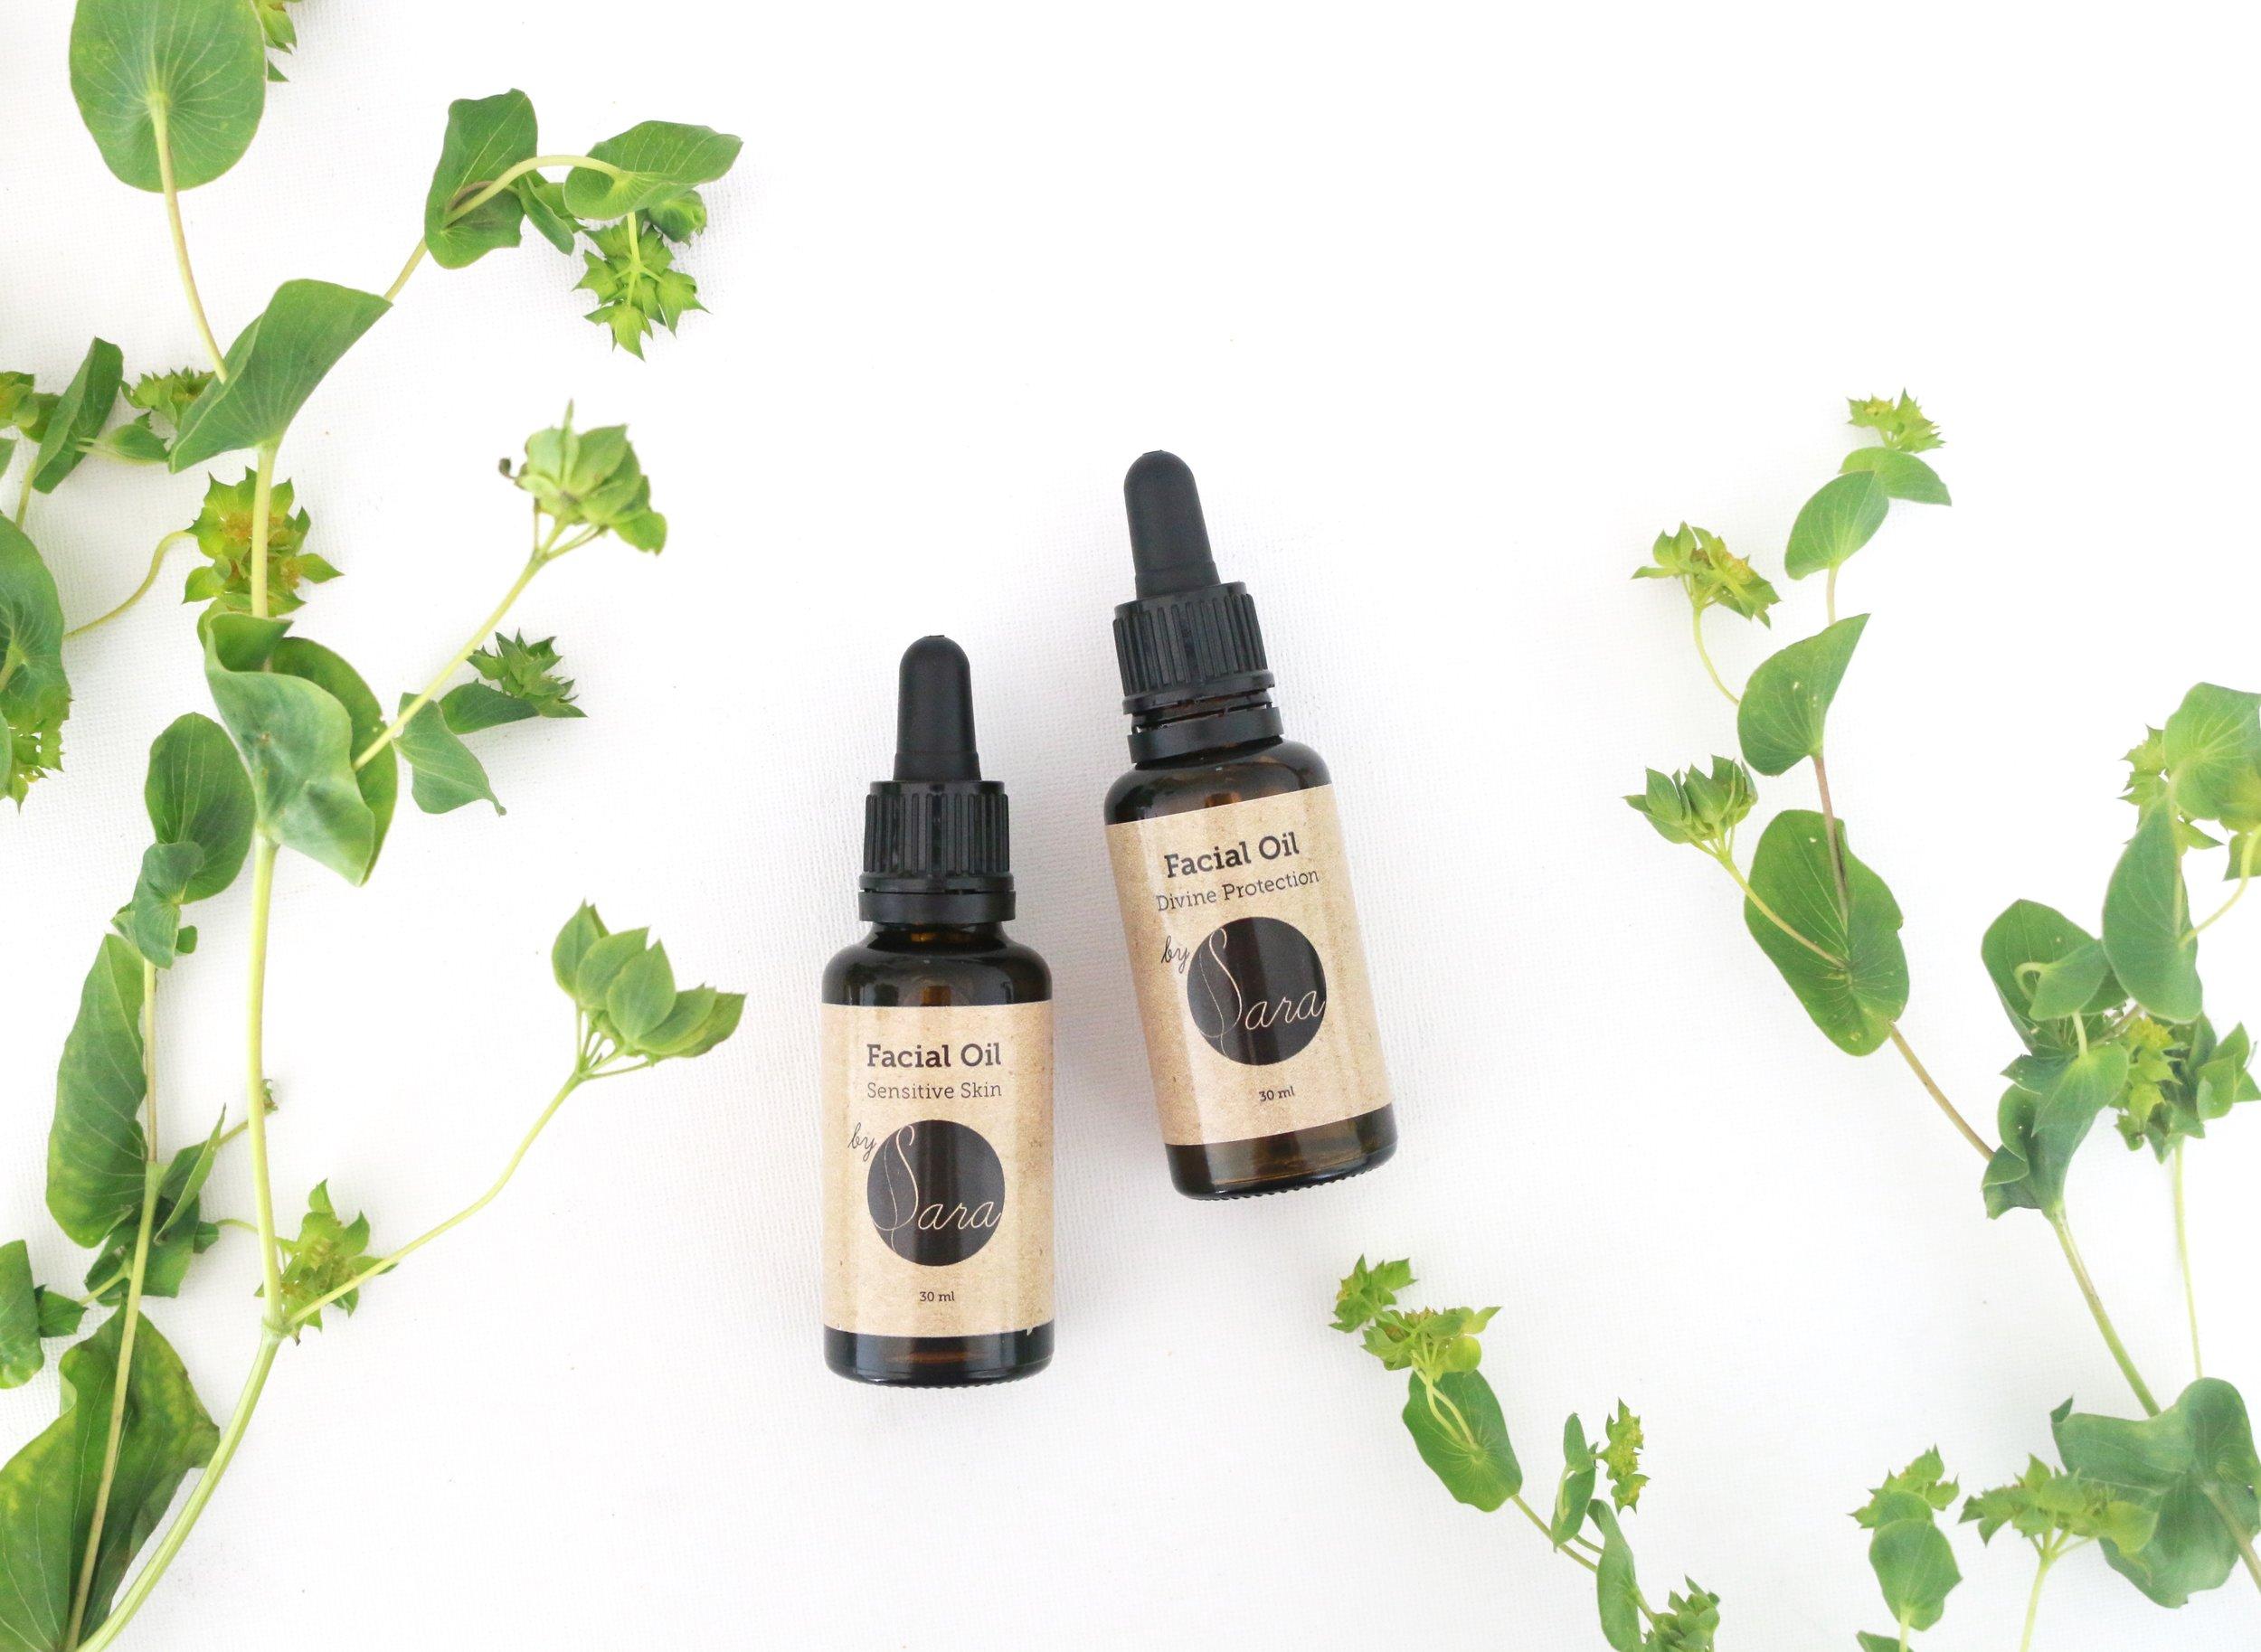 organics-by-sara-facial-oil